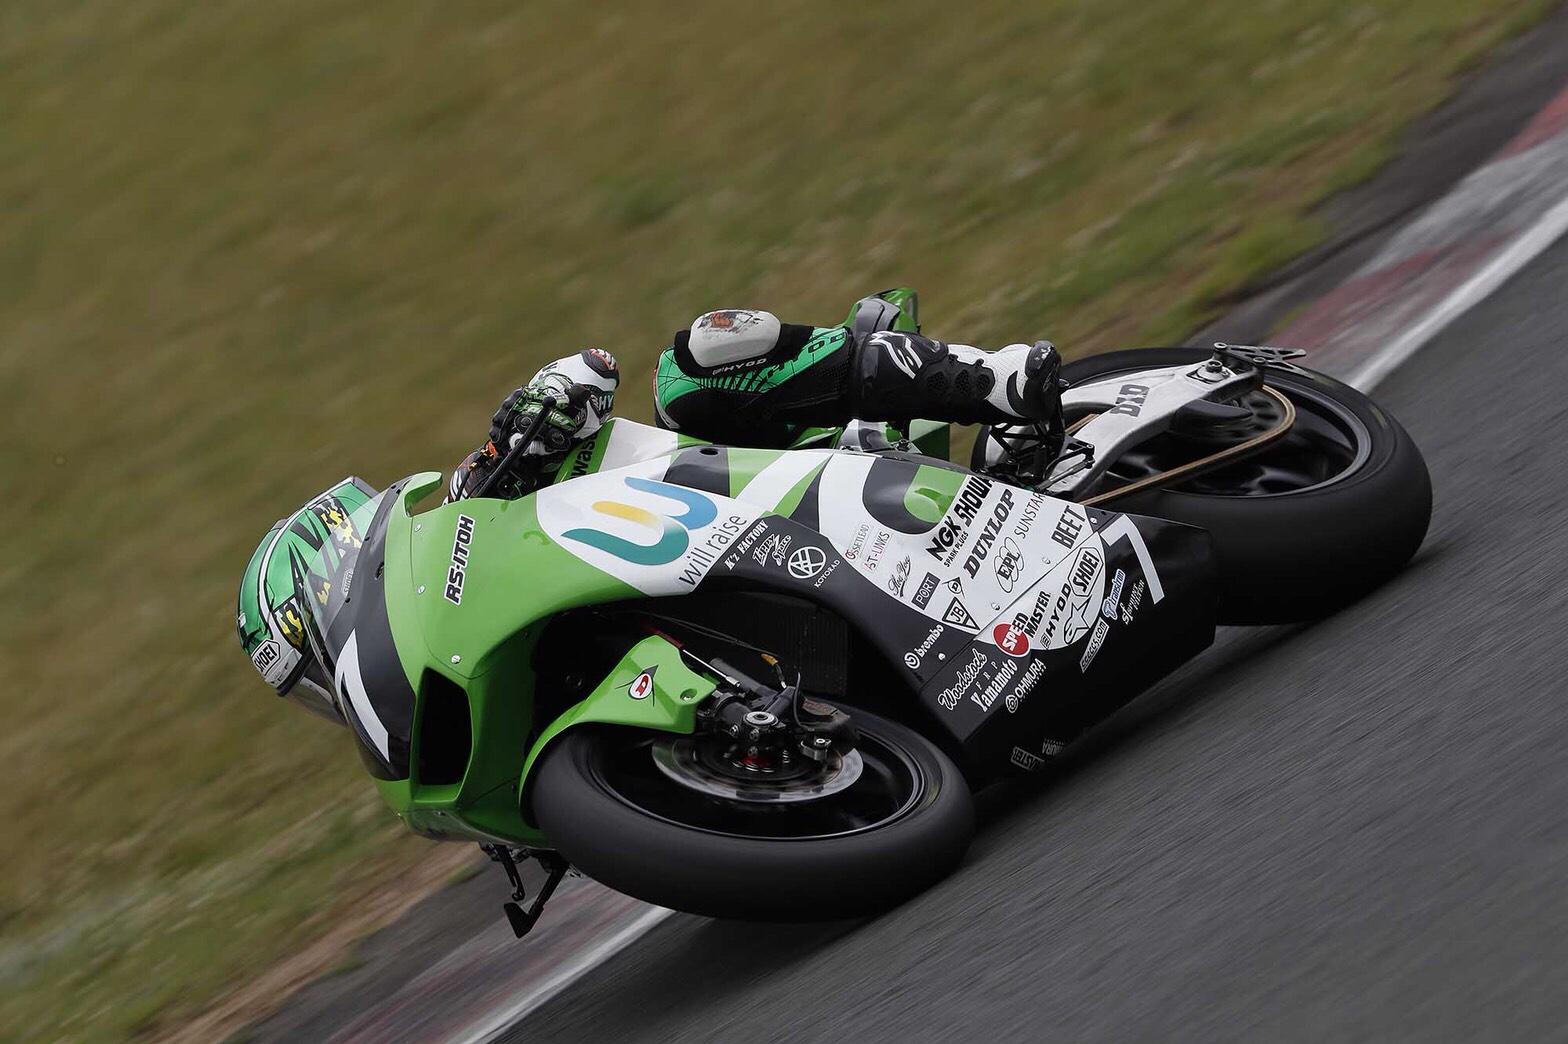 Motorzに全日本ロードレース選手権Rd.4公式予選の取材記事が公開されました。